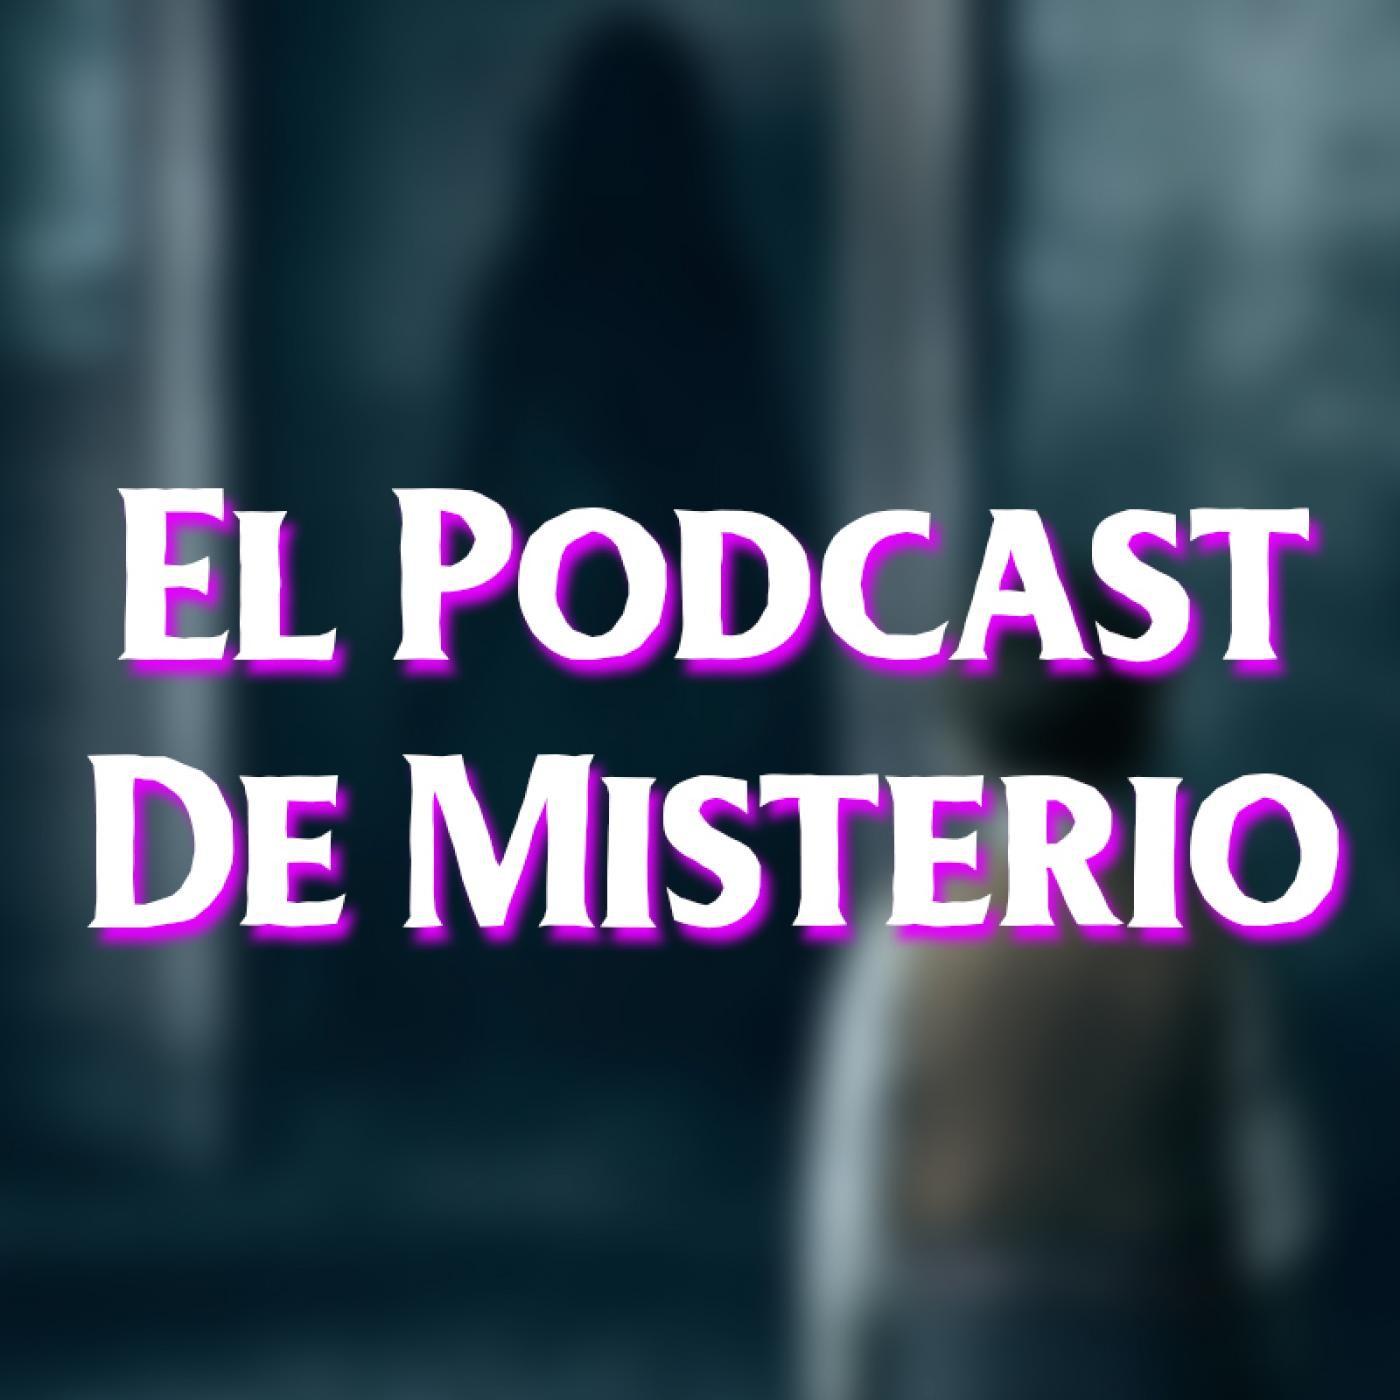 El Podcast de Misterio